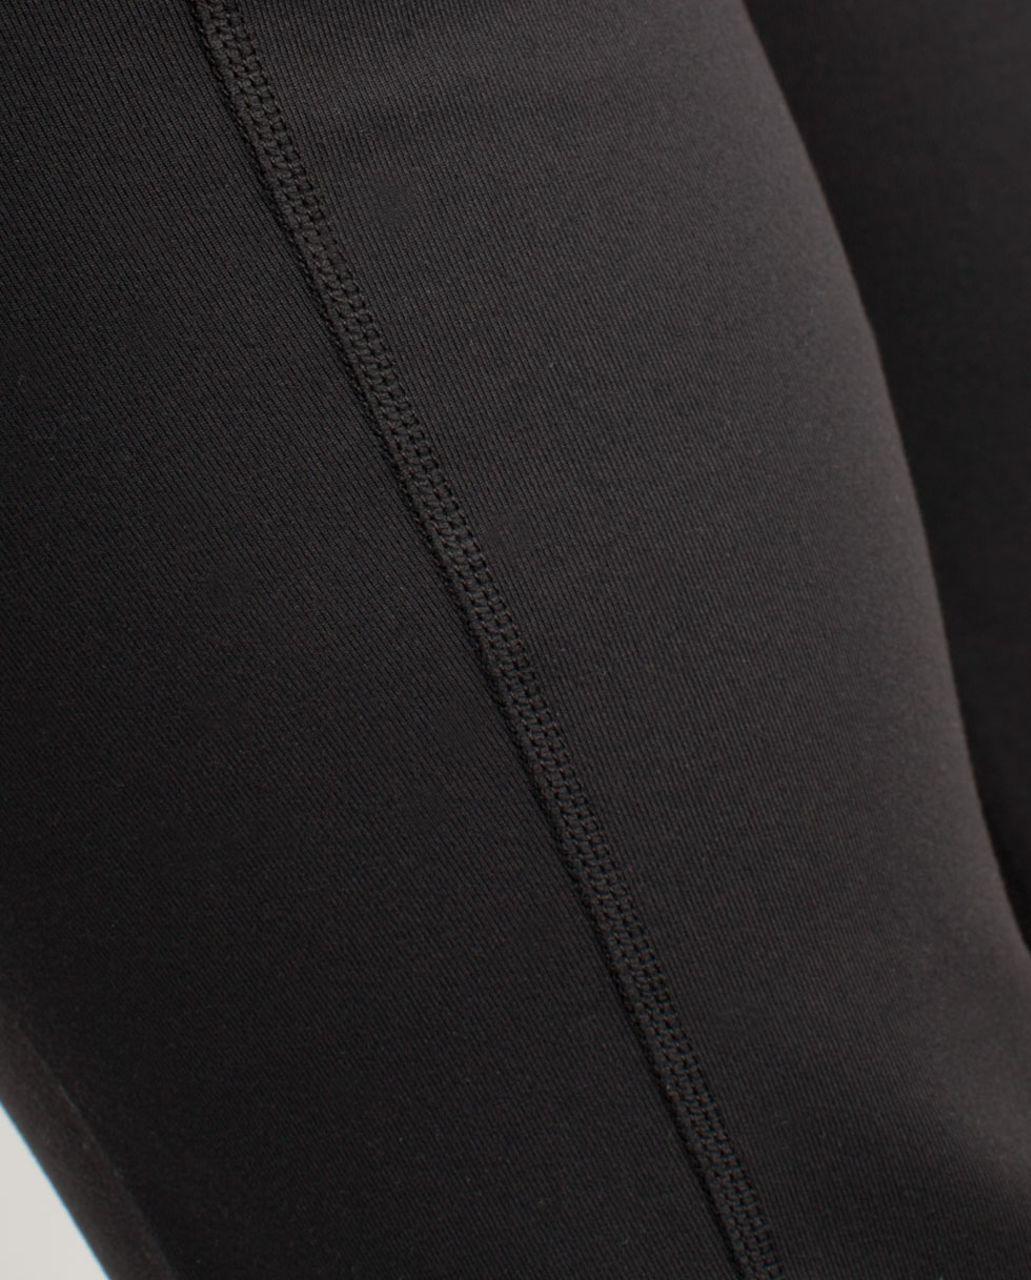 Lululemon Groove Pant (Regular) - Black /  White Black Glacier Lace /  White Black Glacier Lace